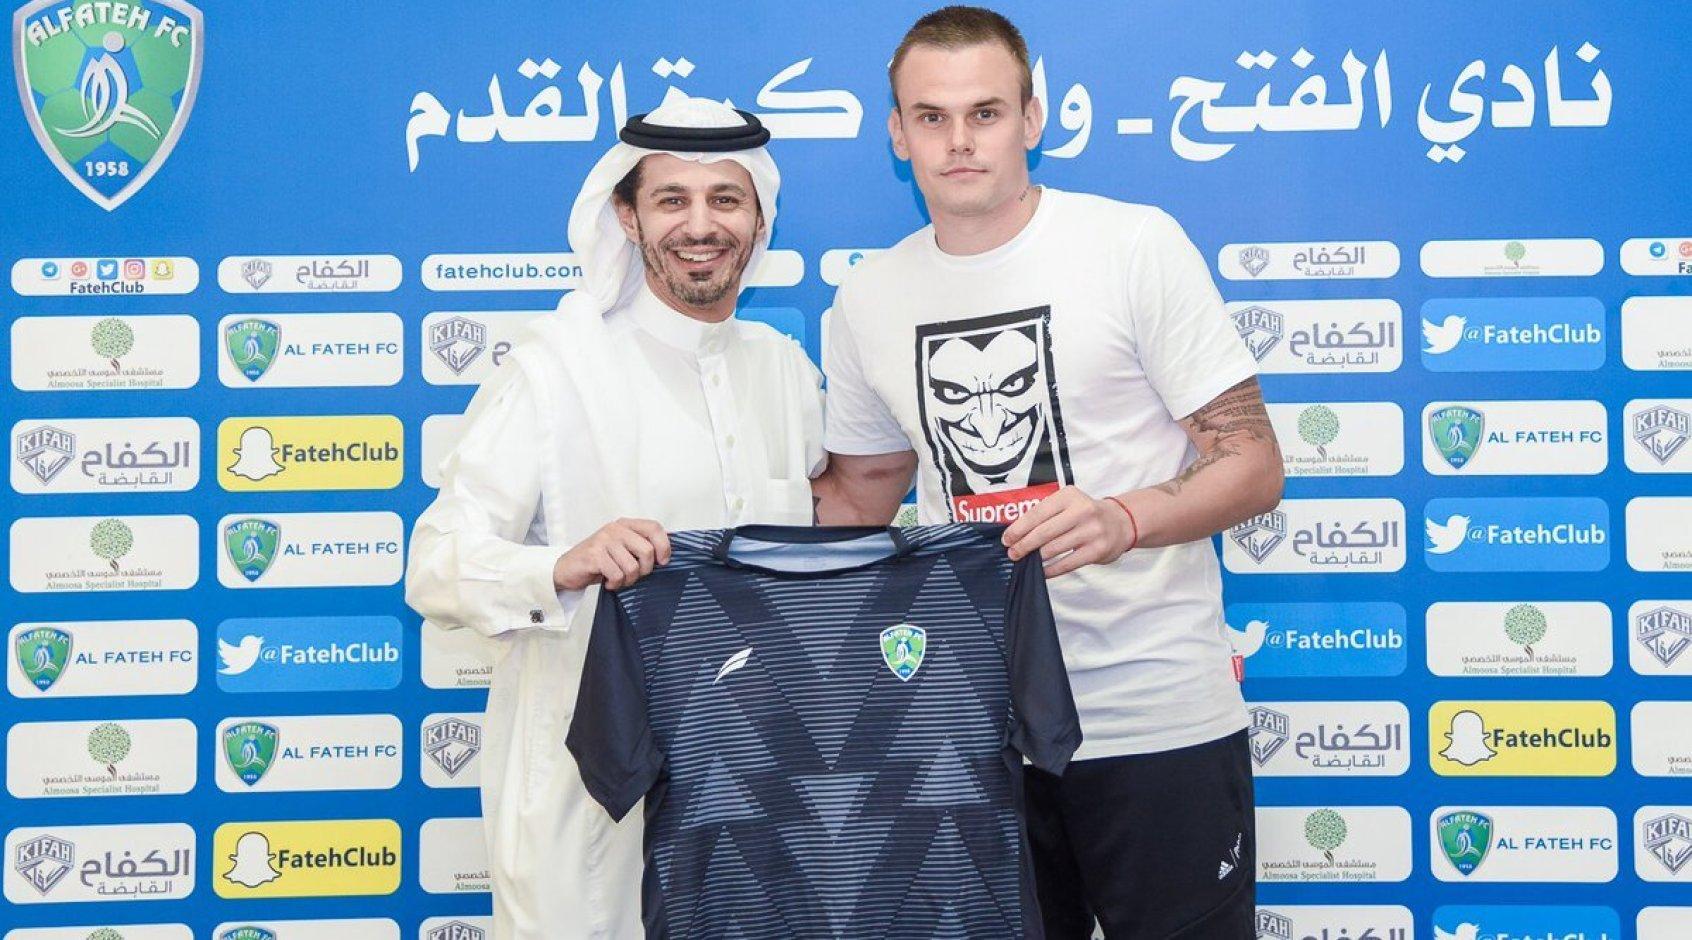 В Саудовской Аравии бывший вратарь киевского Динамо М. Коваль пропустил курьезный мяч